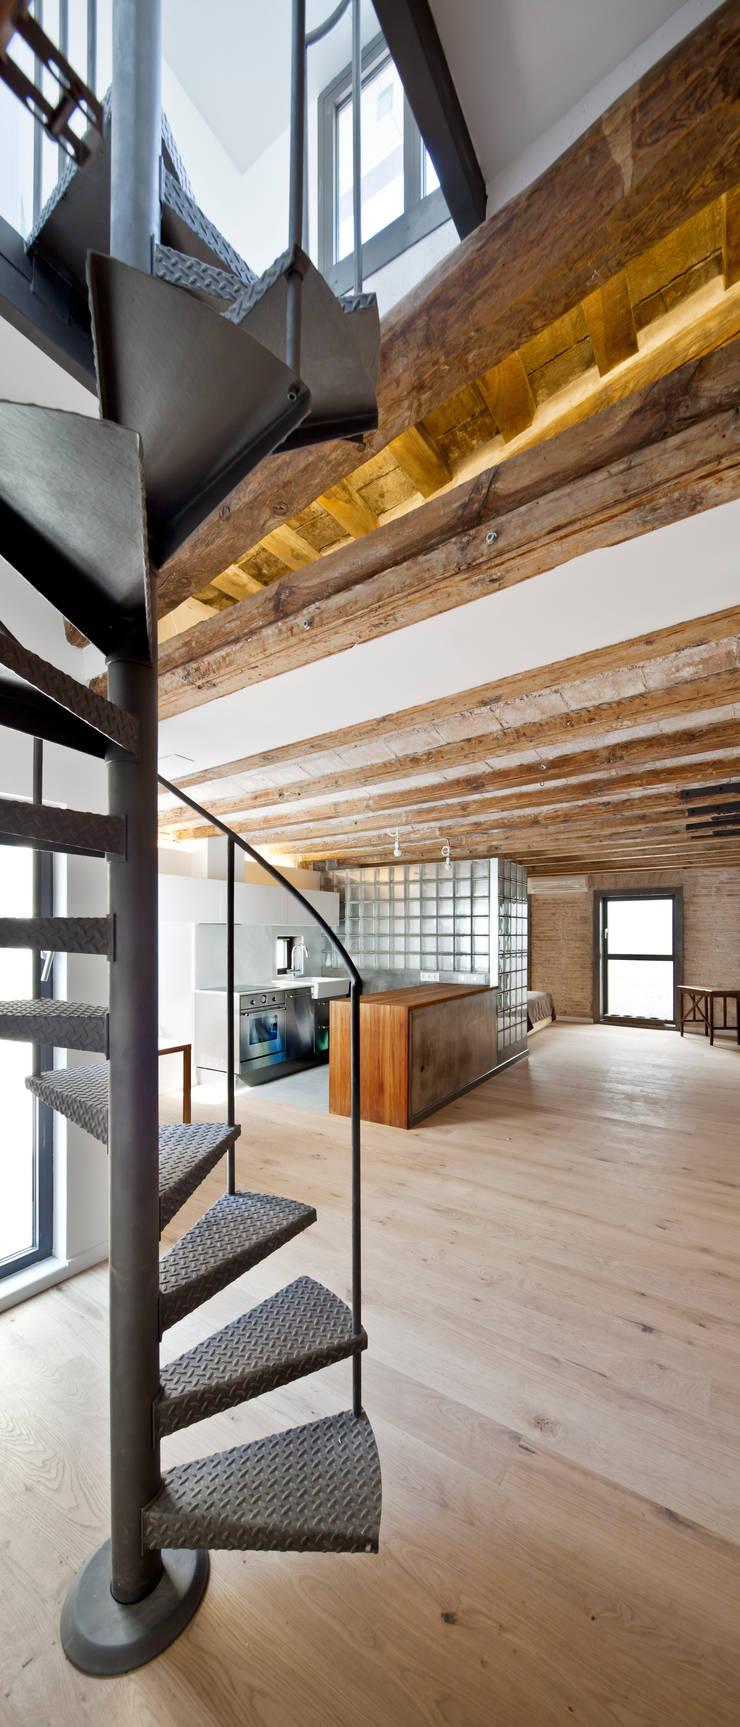 ESCALERA ACCESO TERRAZA: Cocinas de estilo  de Alex Gasca, architects.